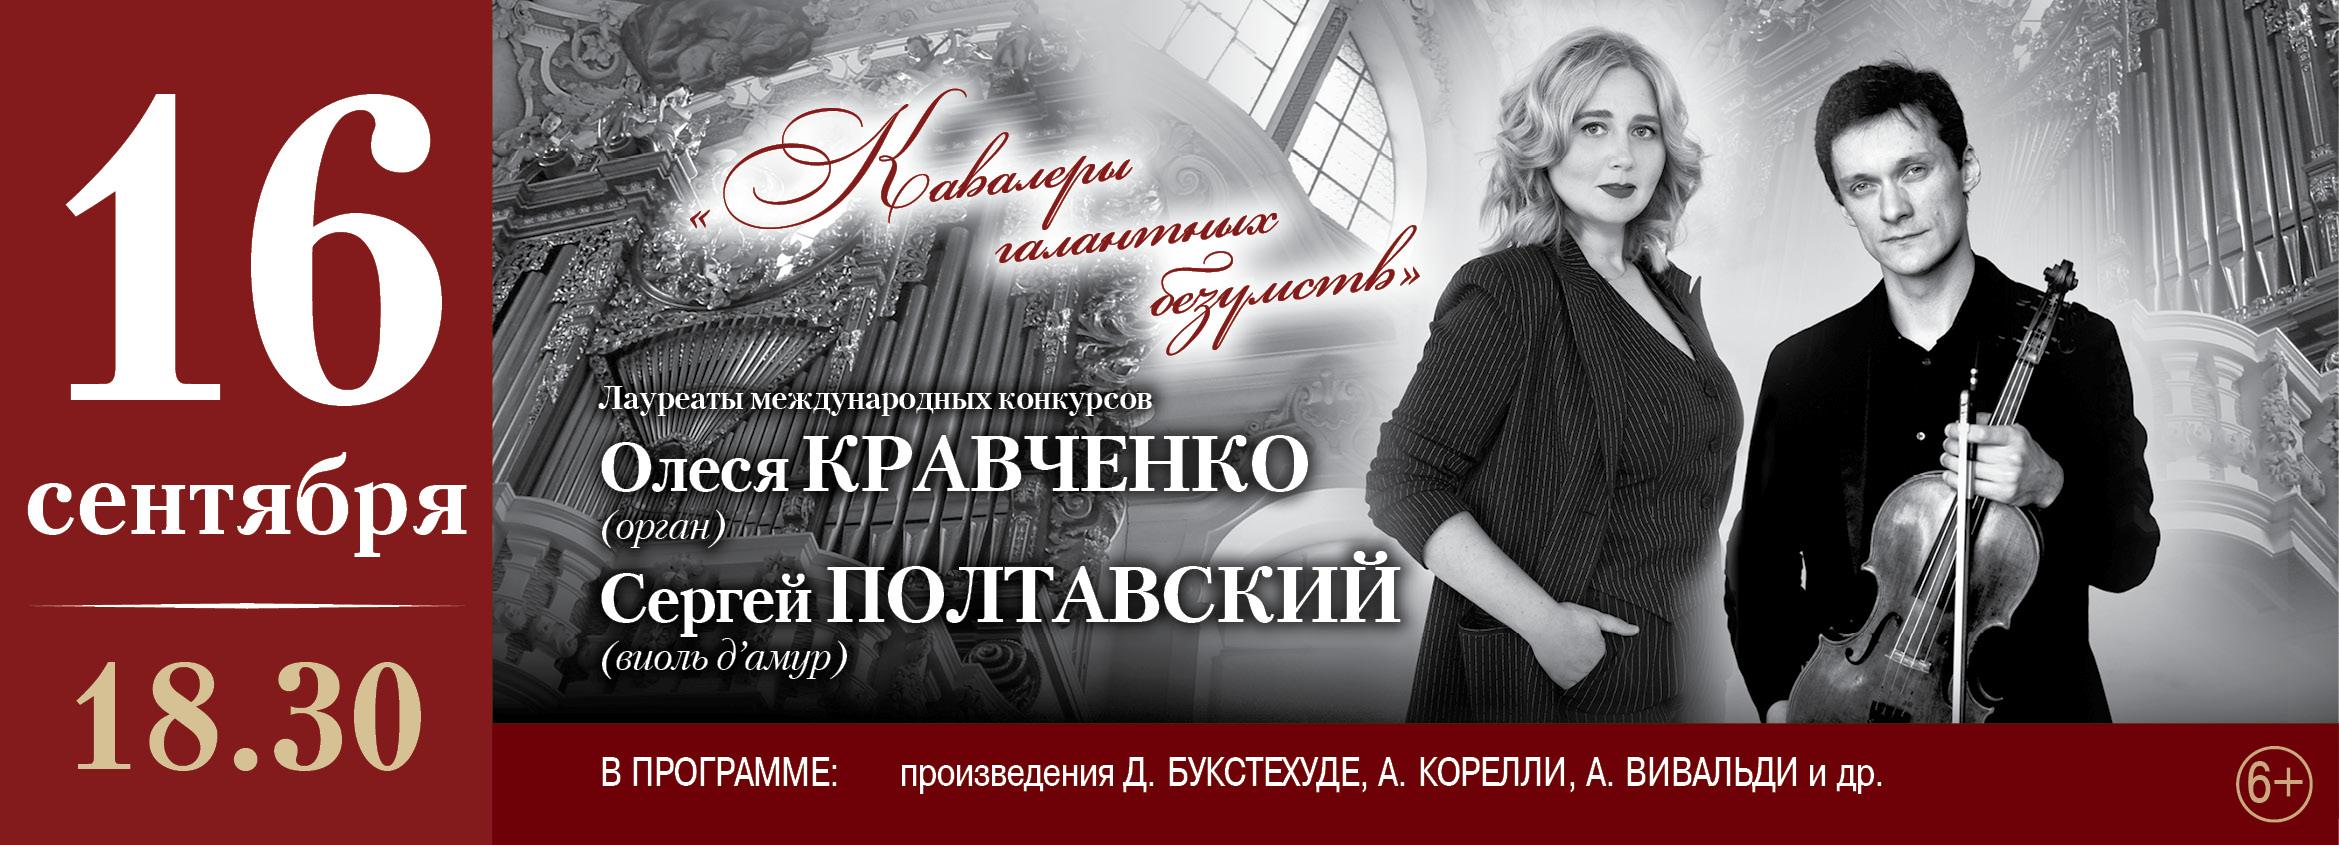 Тверская филармония откроет юбилейный концертный сезон